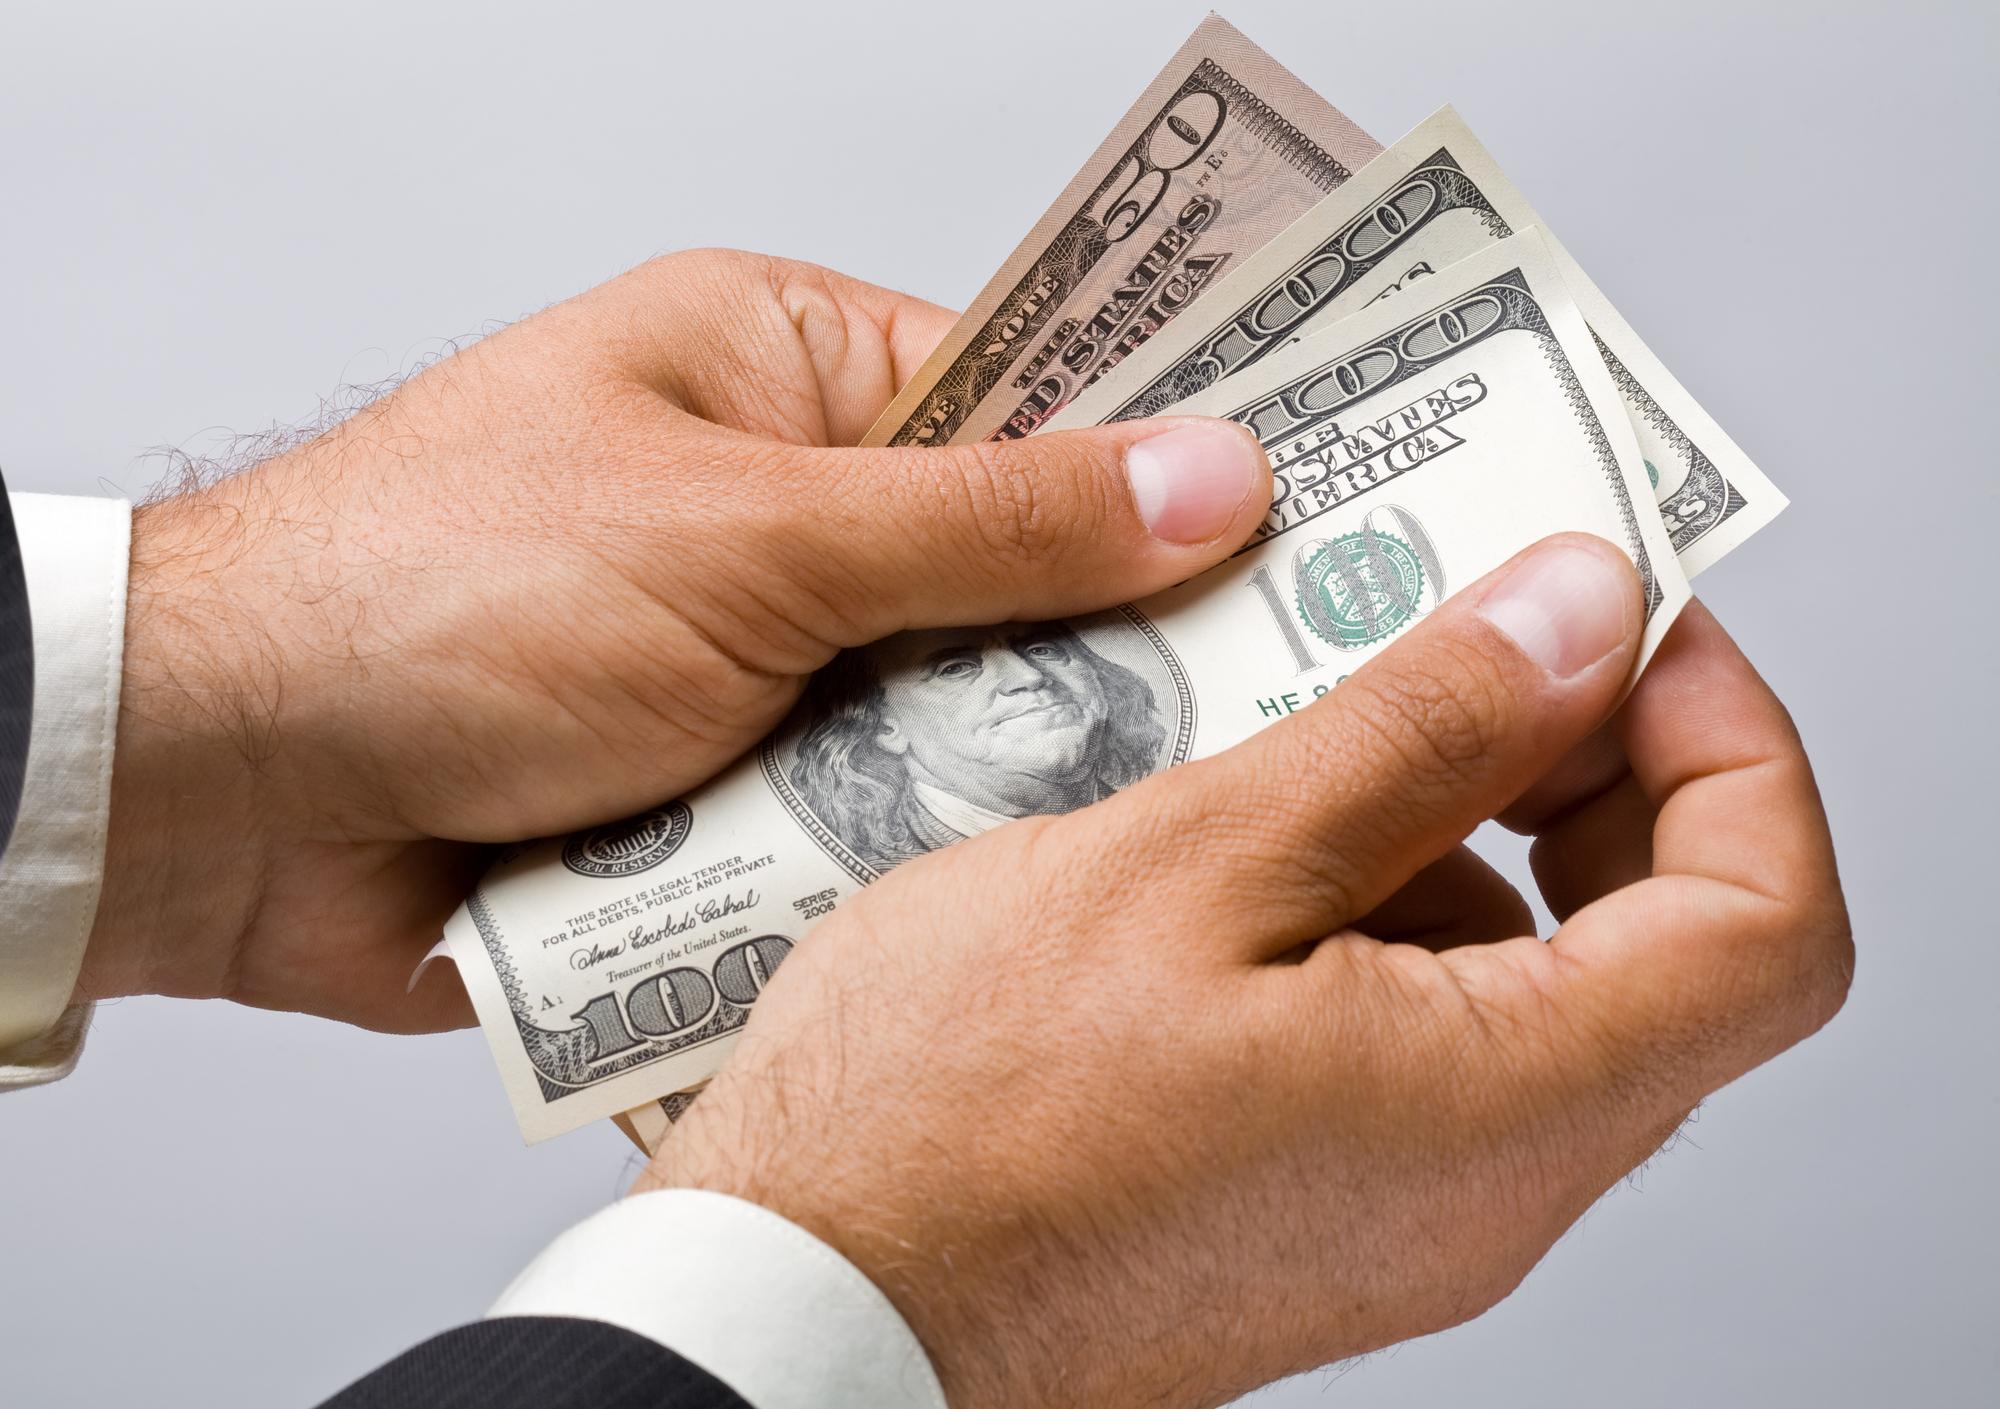 Валютный феномен: почему дешевеет доллар и каким будет курс рубля к лету